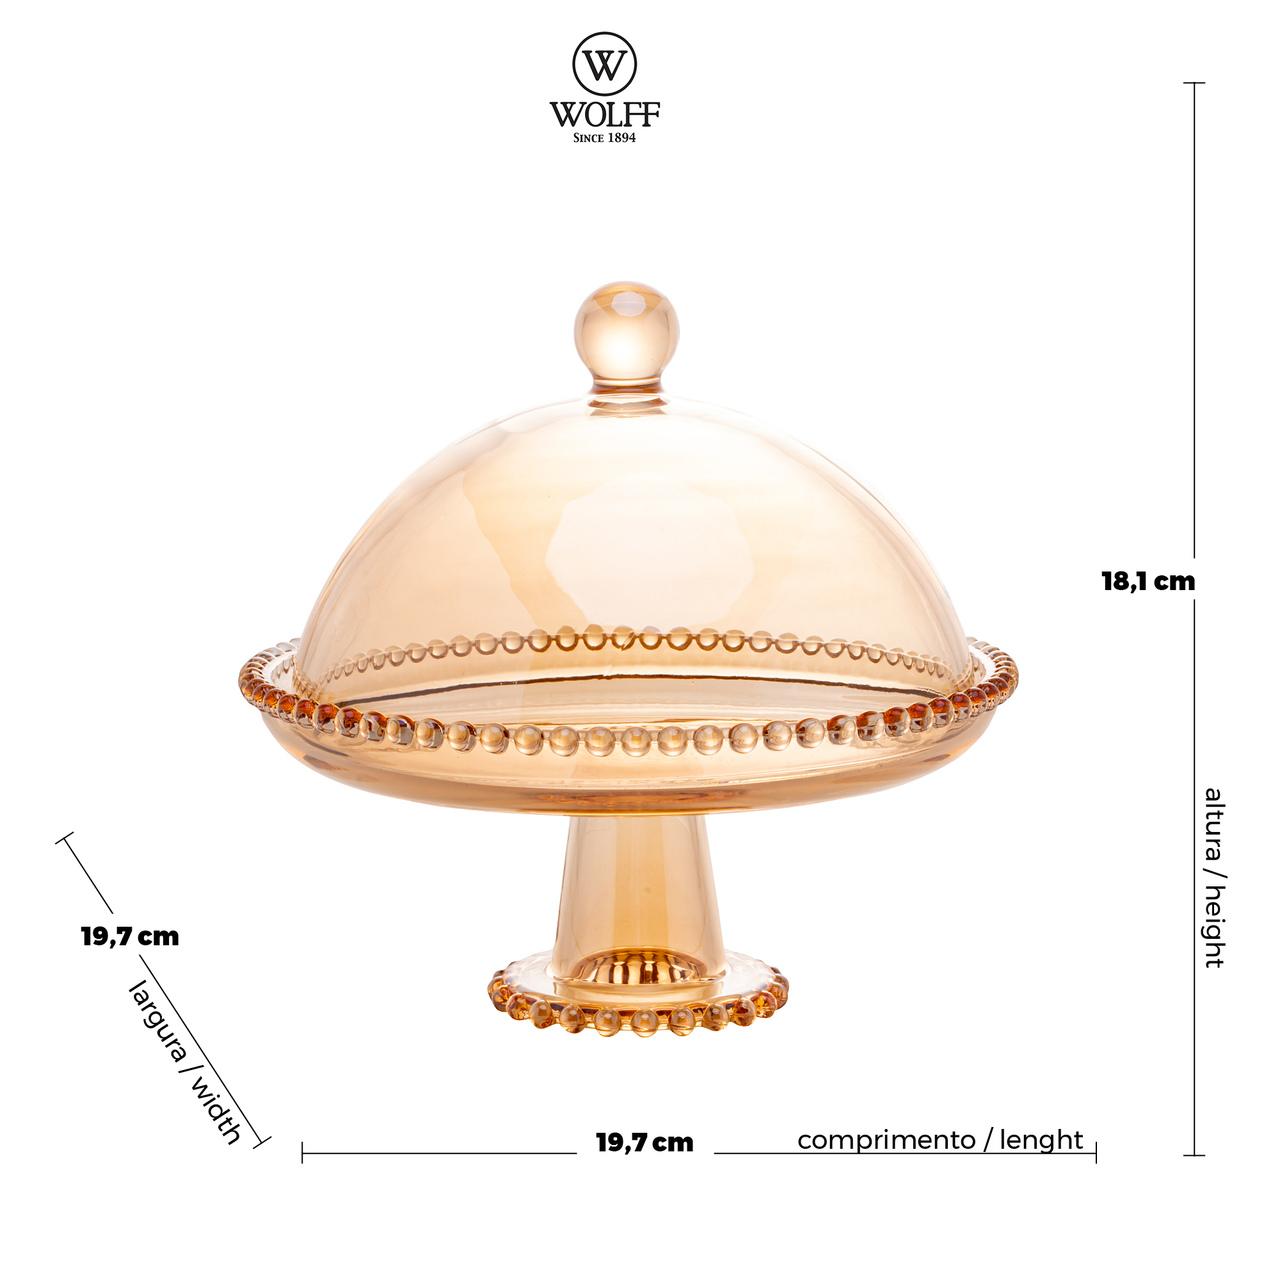 Prato 20 cm para bolo de cristal âmbar com pé e tampa  Pearl Wolff - 28273